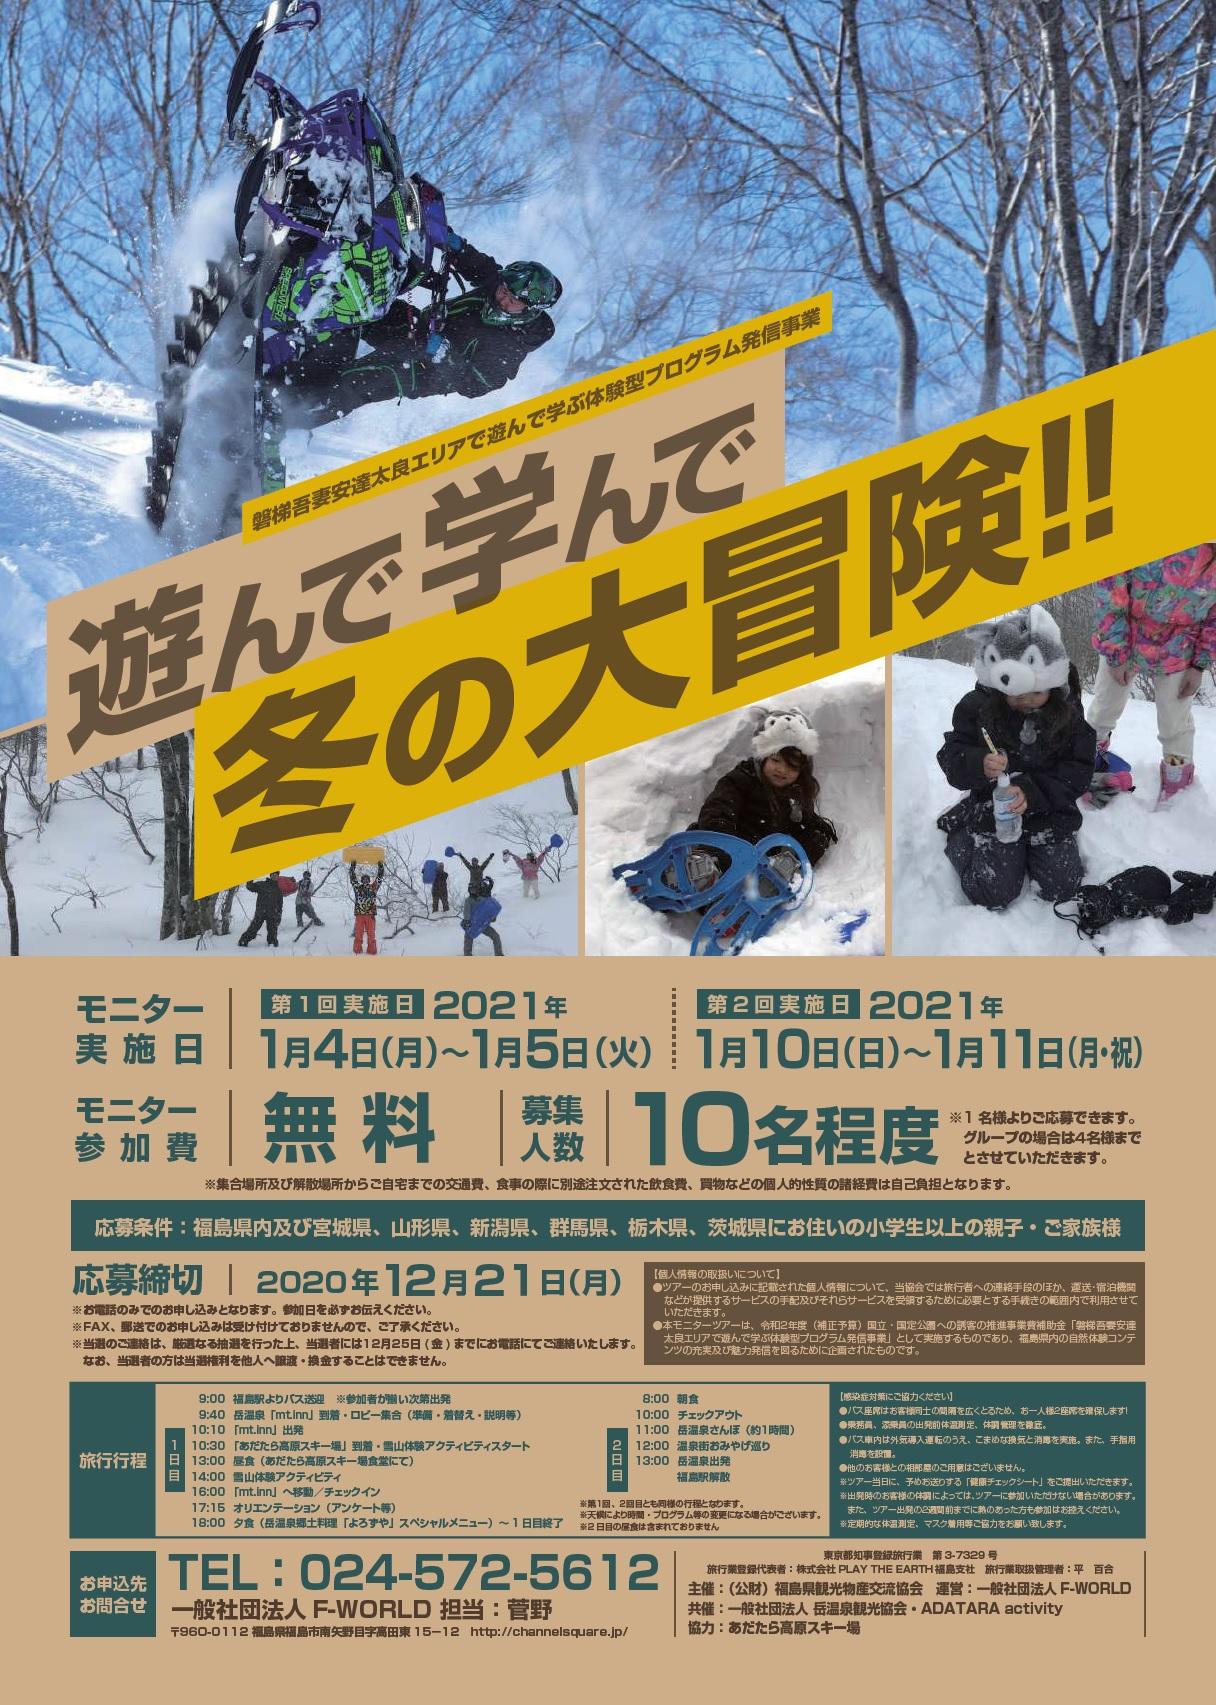 雪山体験アクティビティモニターツアー参加者を募集!